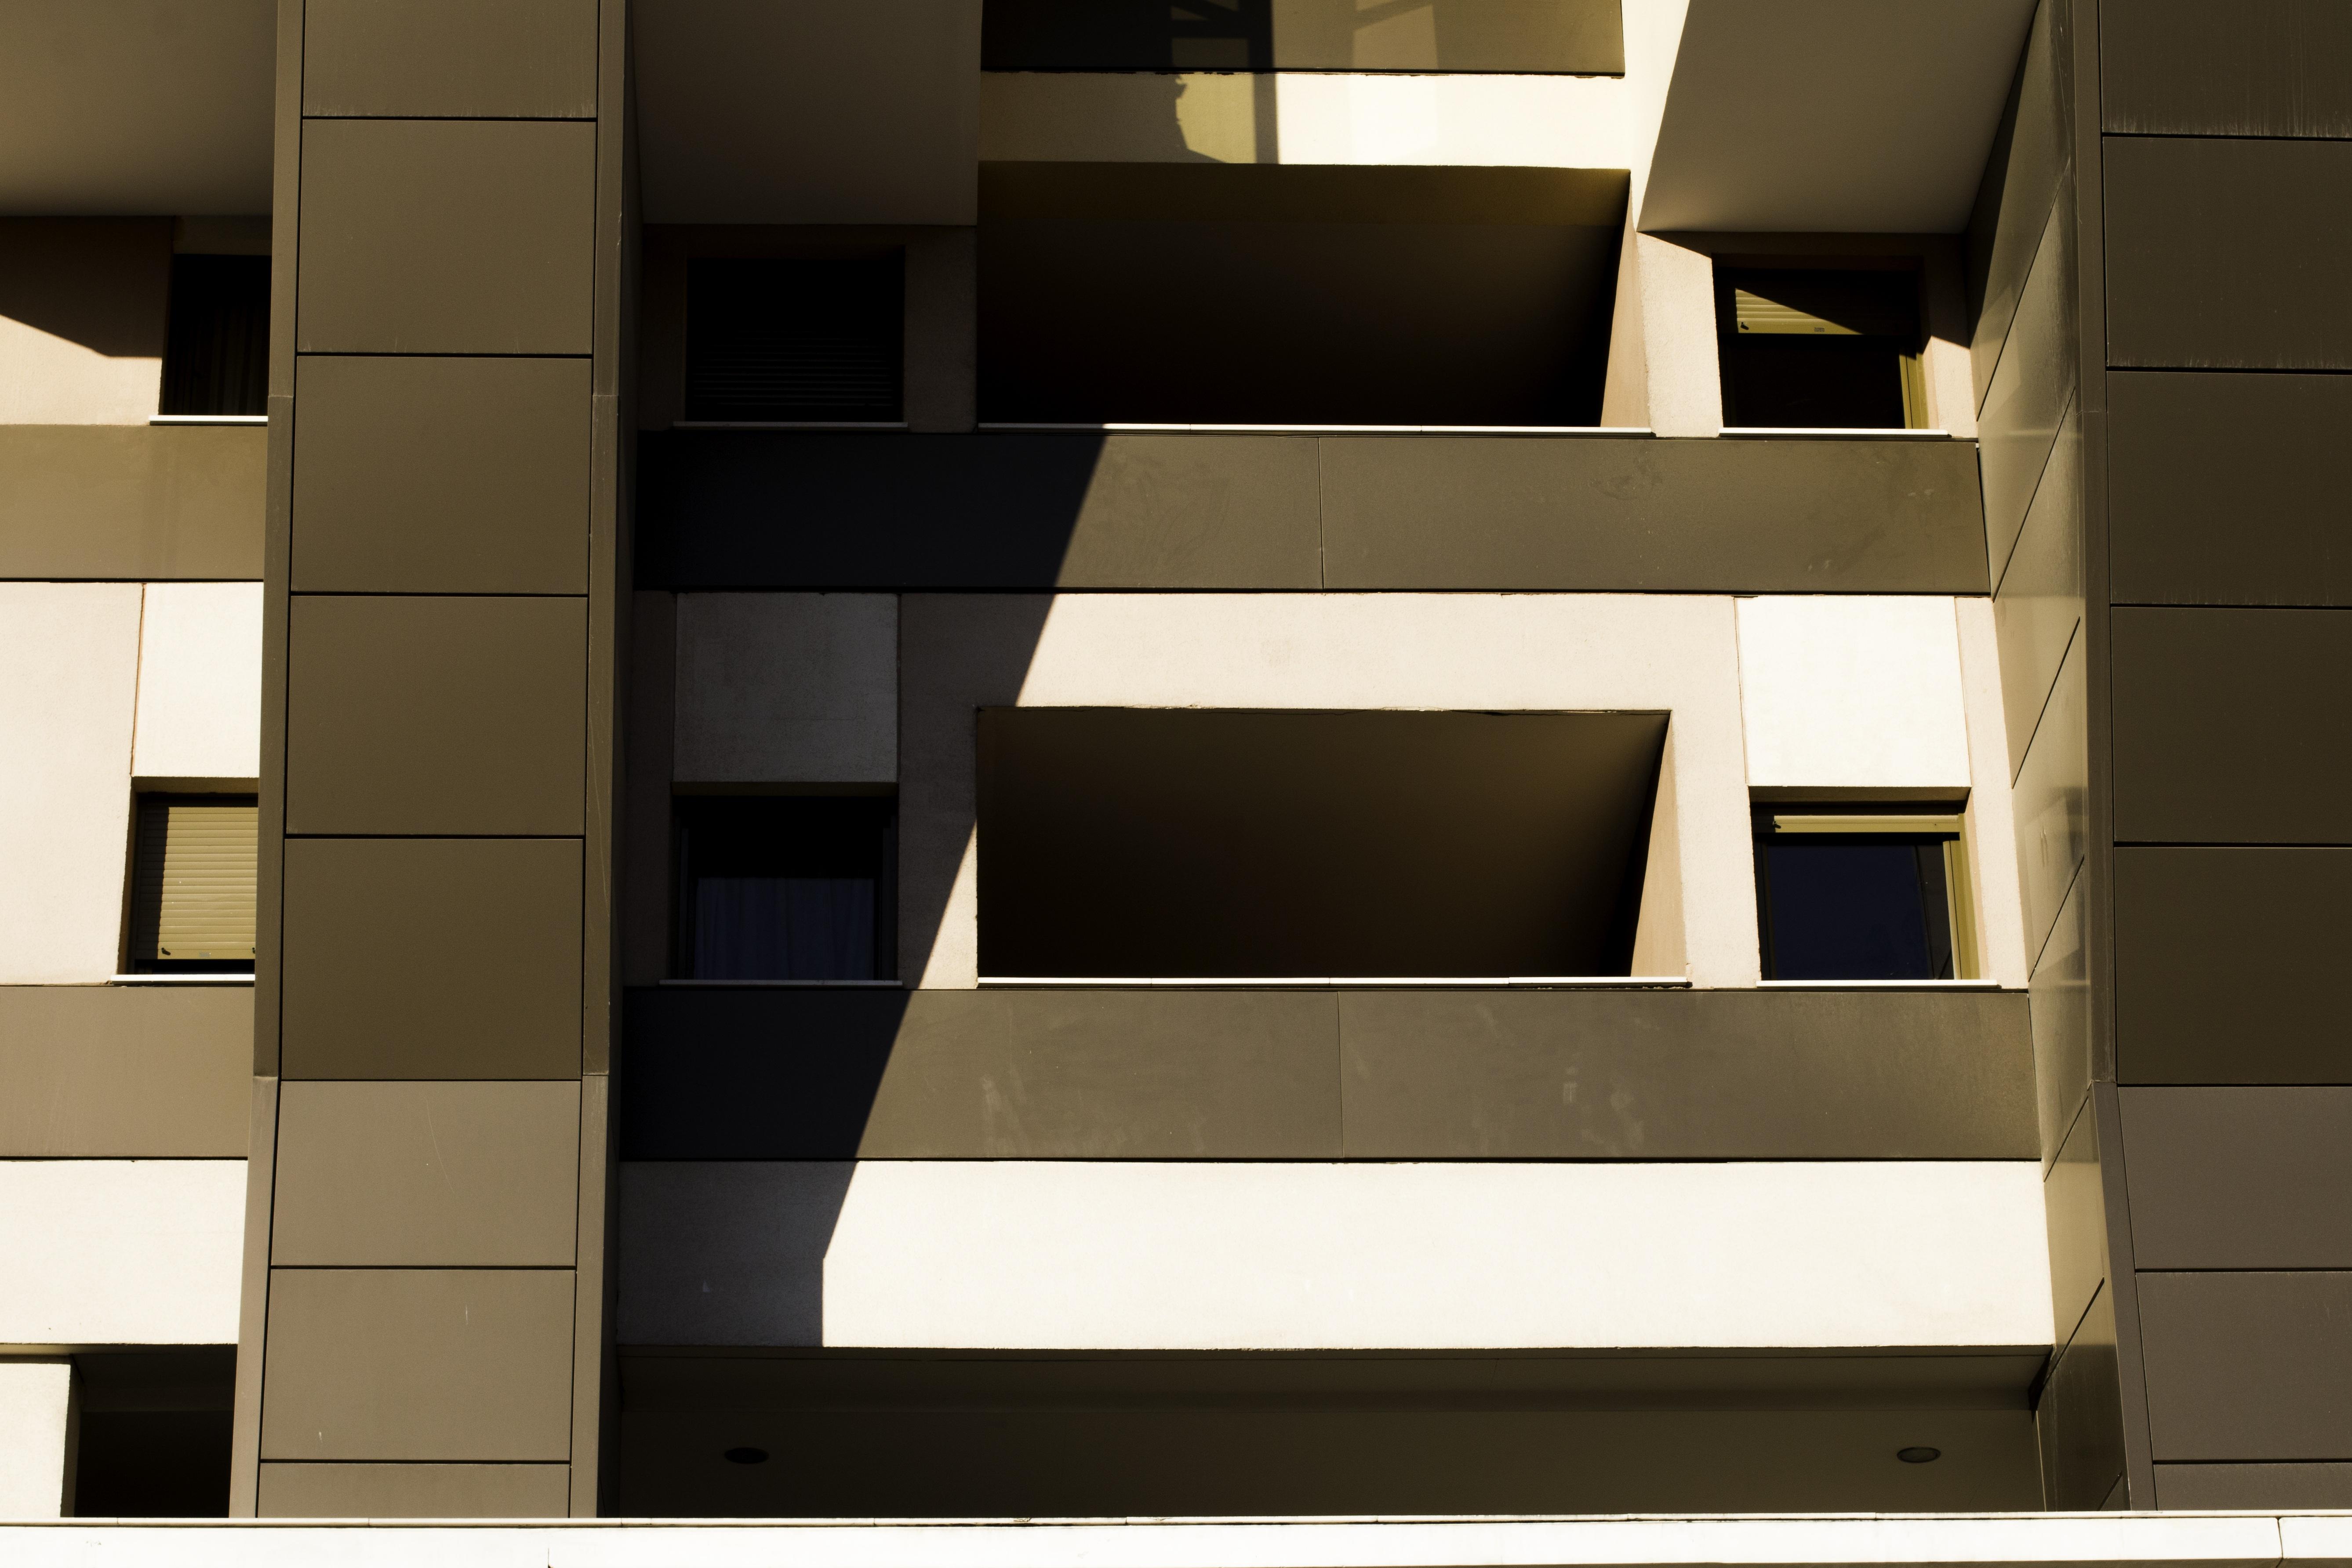 Gambar Jendela Bangunan Warna Coklat Ruang Keluarga Mebel